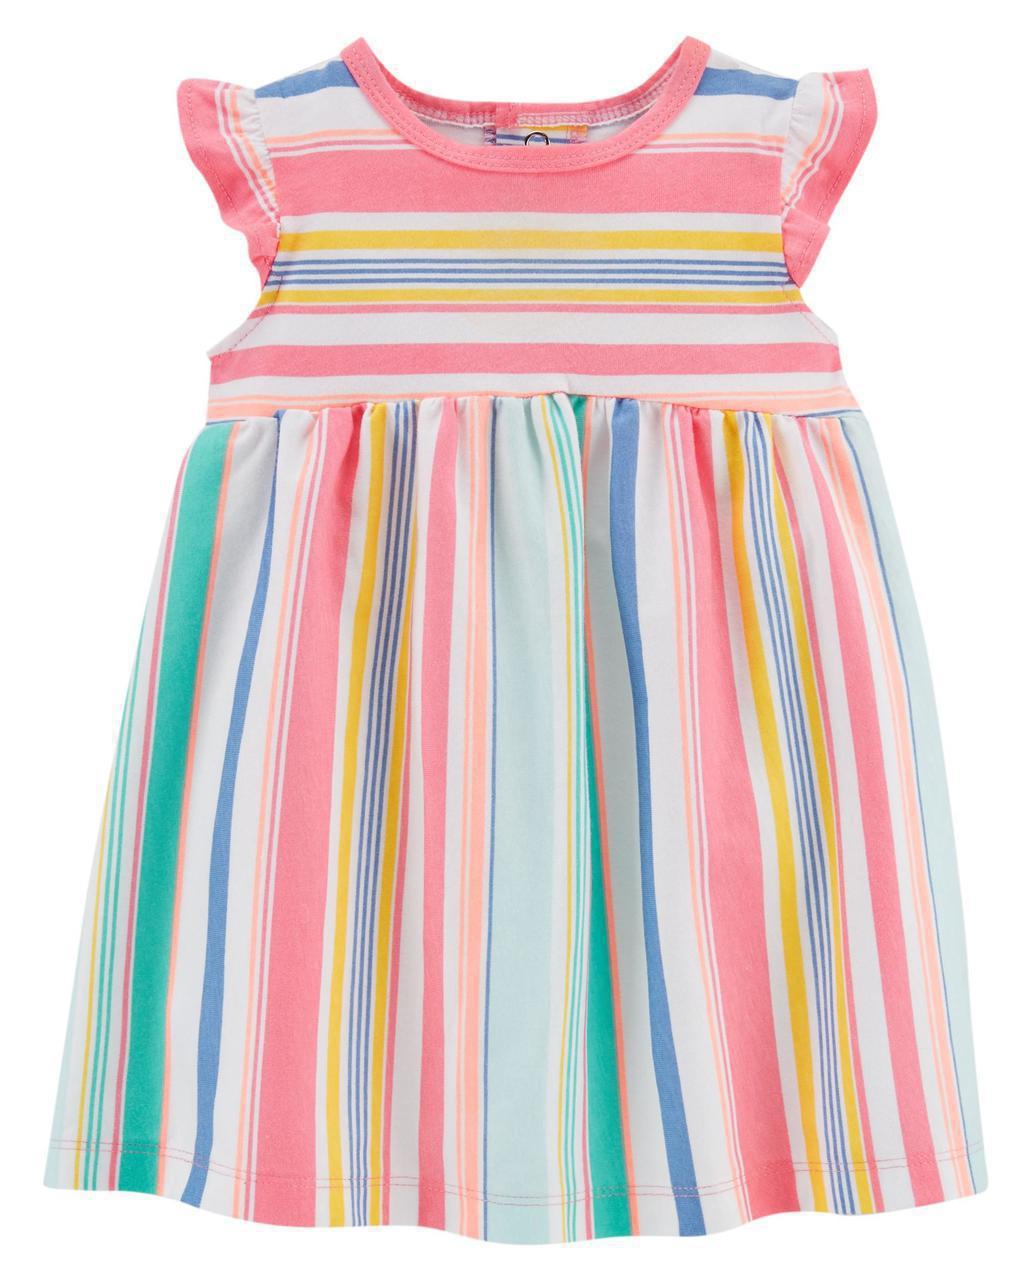 Летнее платье + трусики Carters для девочки 9 мес 67-72 см. Комплект 2-ка